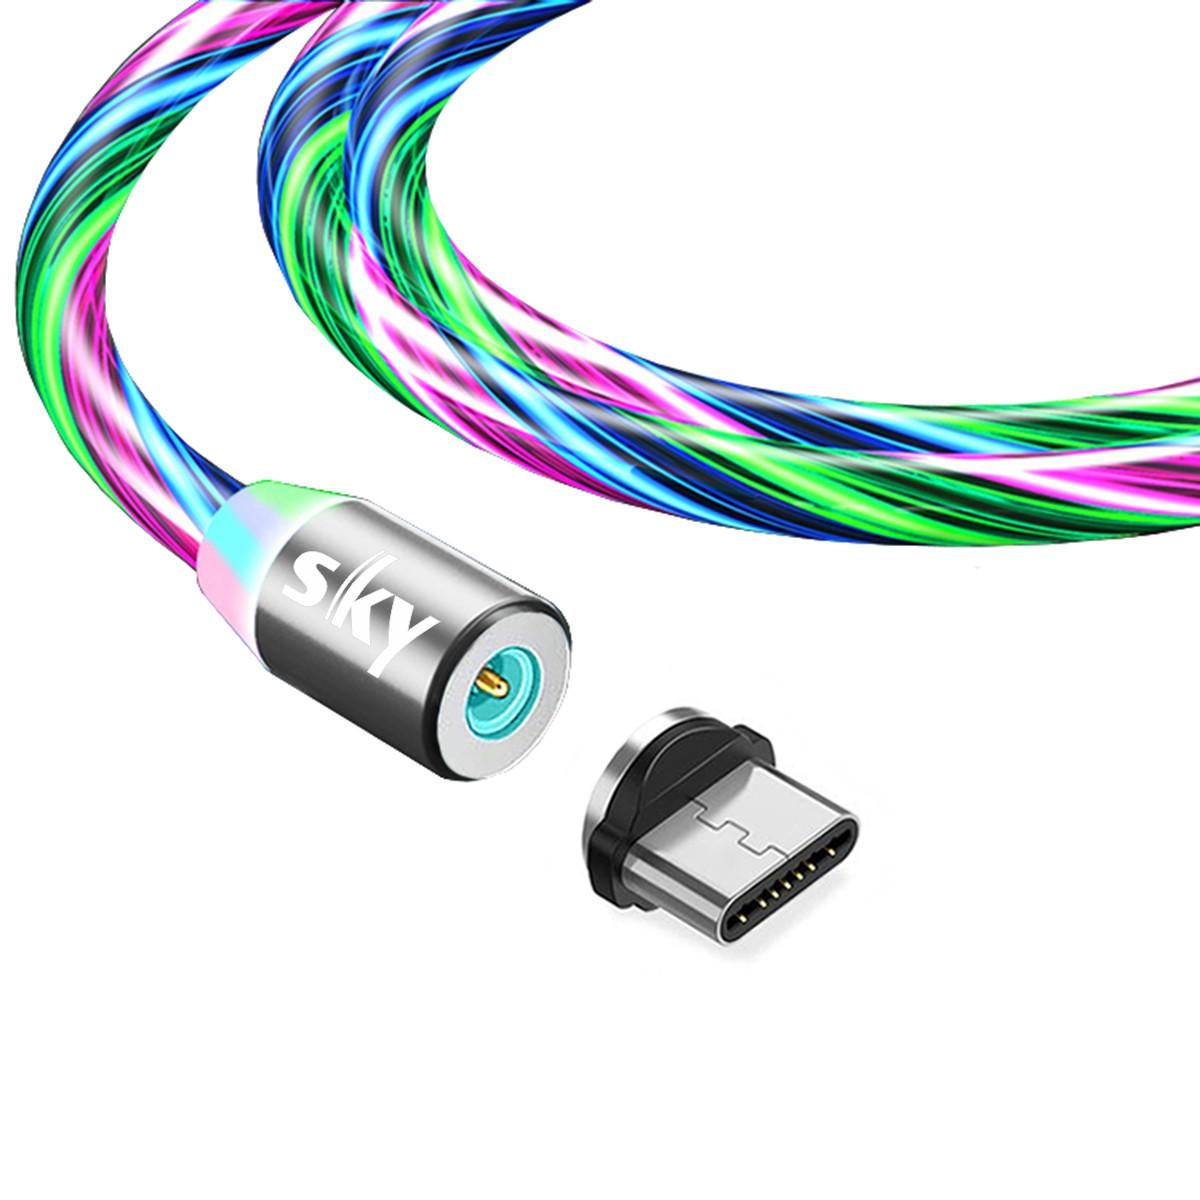 Магнитный кабель SKY type C (RZ) для зарядки (100 см) RGB